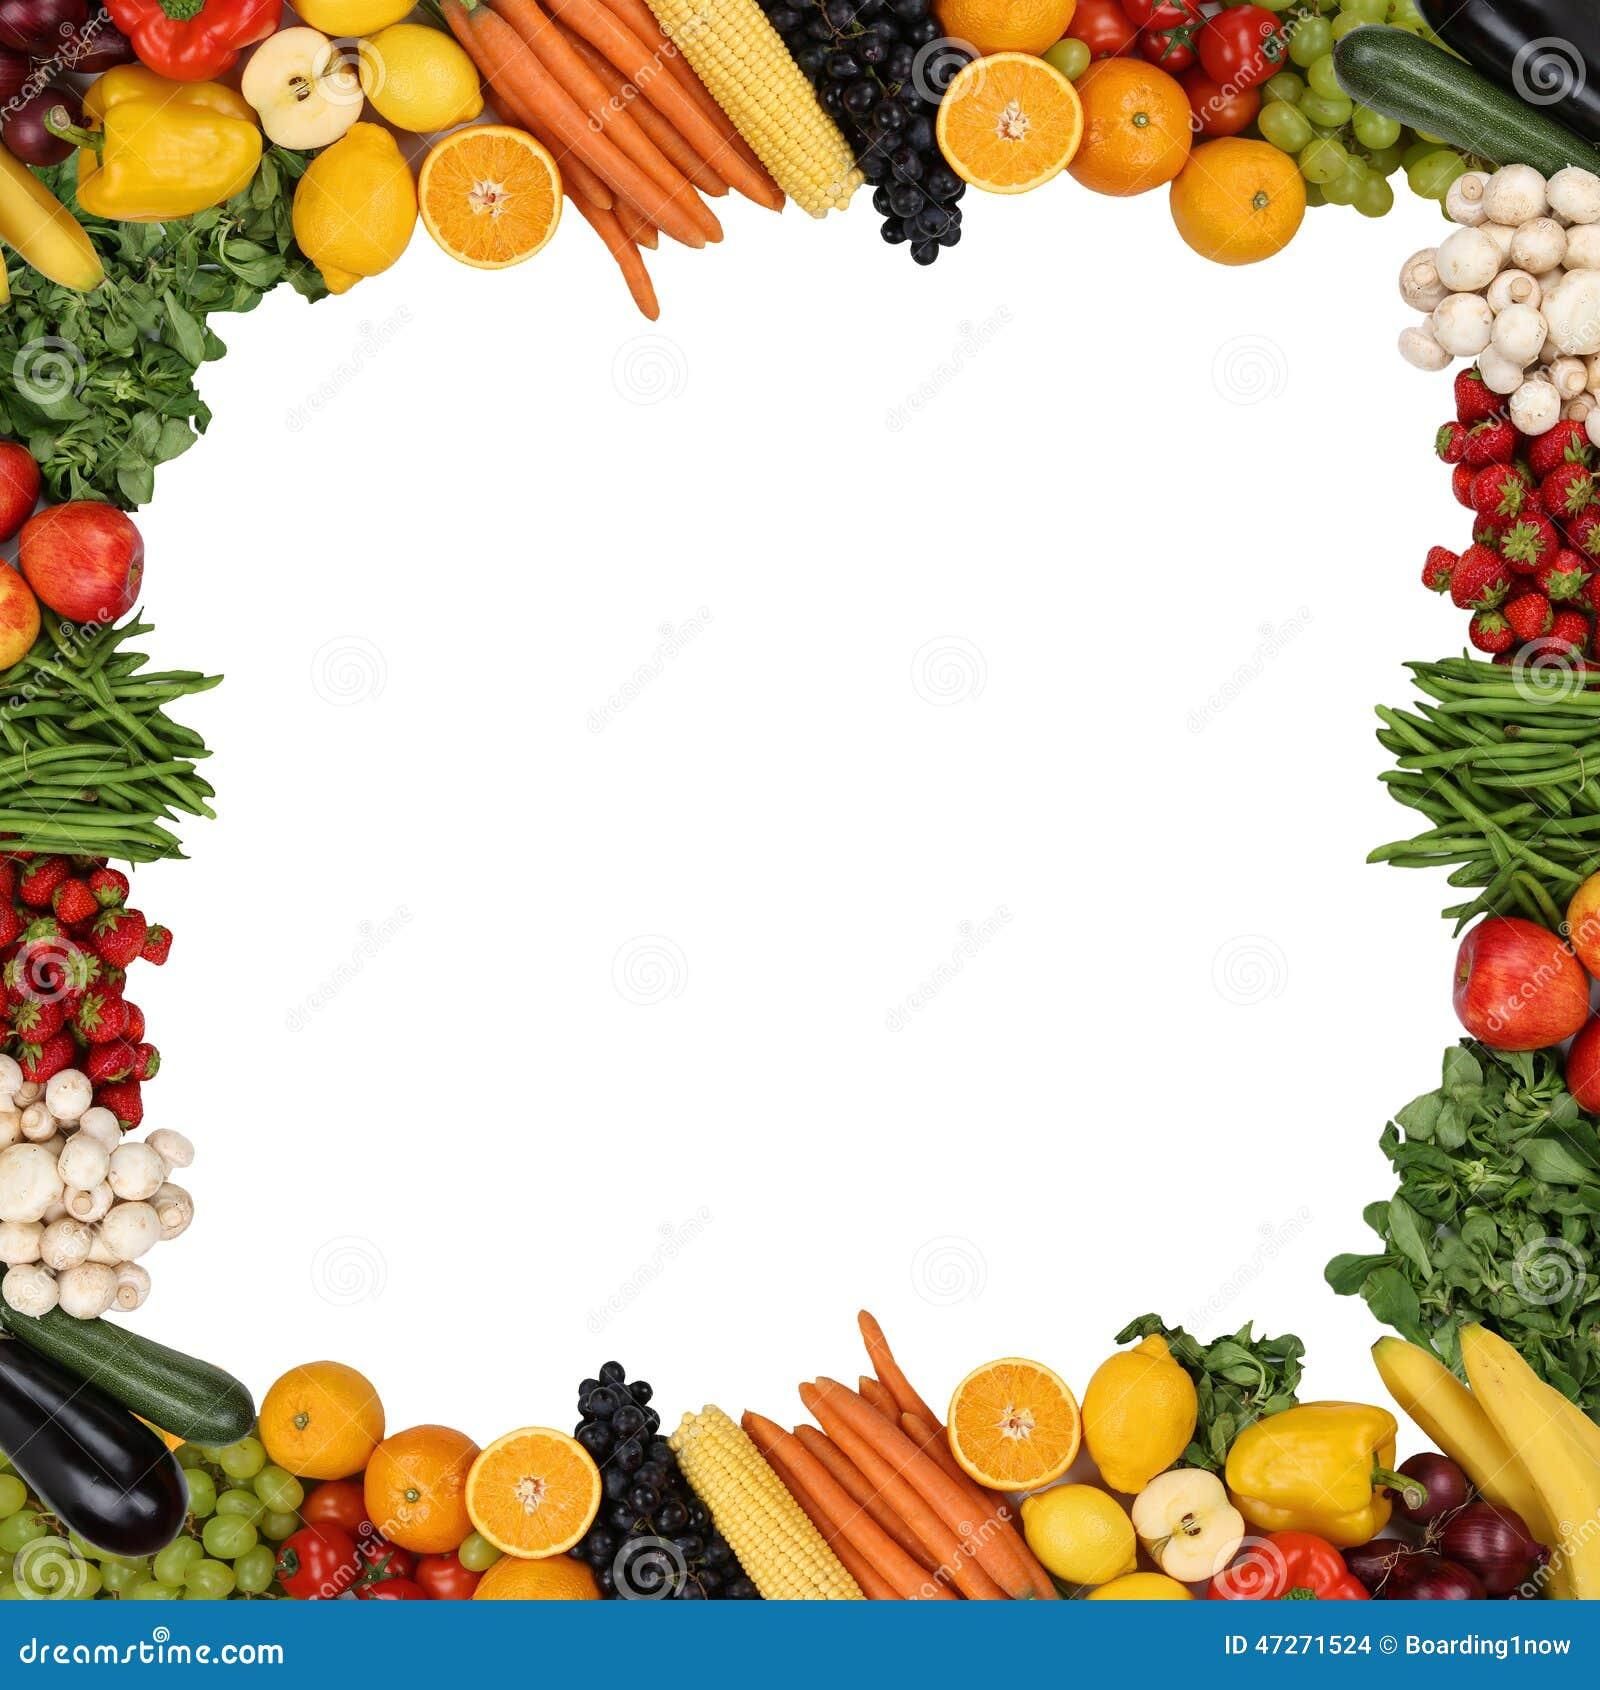 оформление стенда здоровое питание